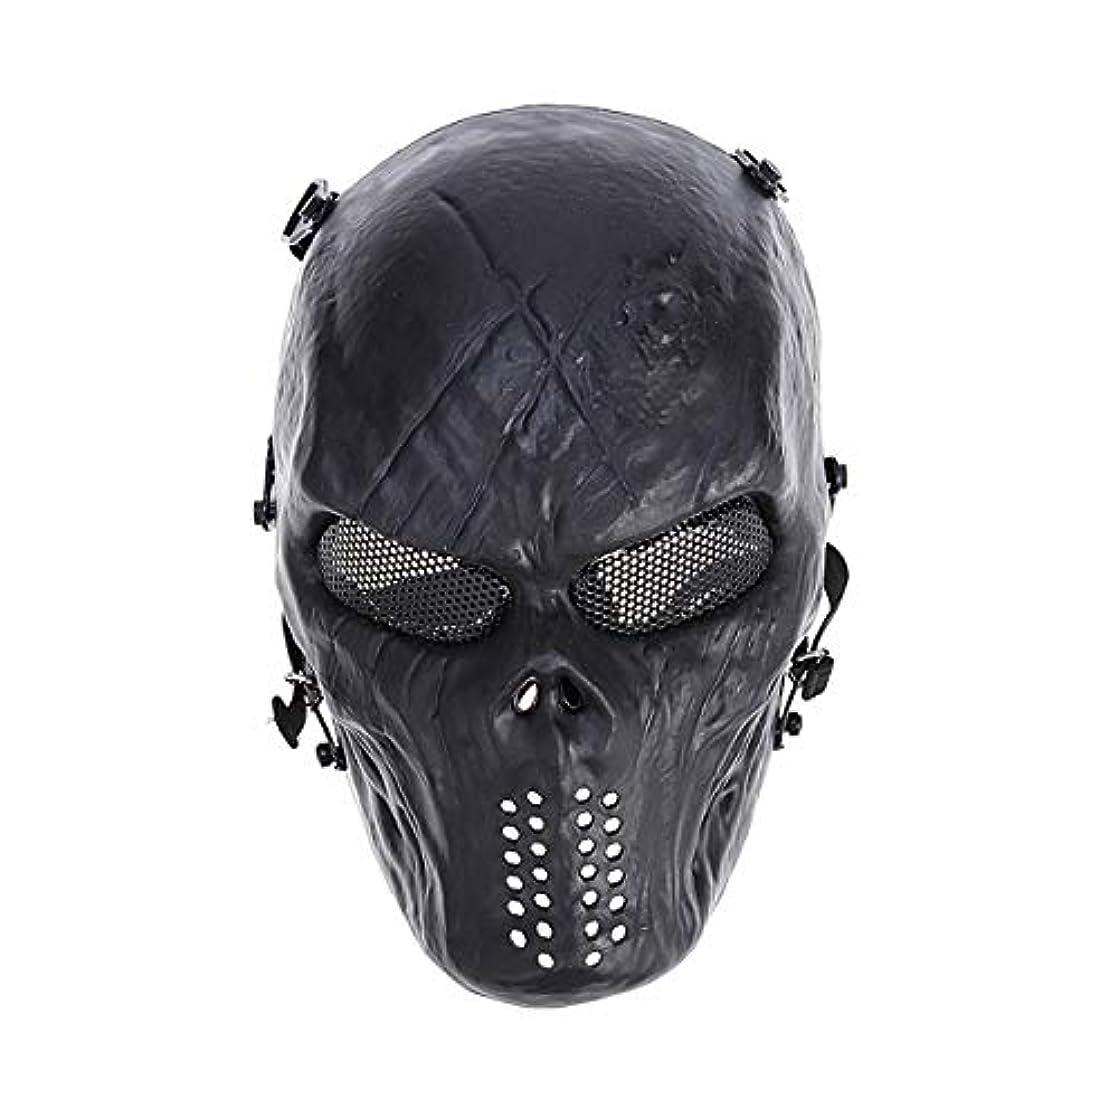 頑張る会話型拍車VORCOOL CSフィールドマスクハロウィンパーティーコスチュームマスク調整可能な戦術マスク戦闘保護顔耳保護征服マスク(黒)